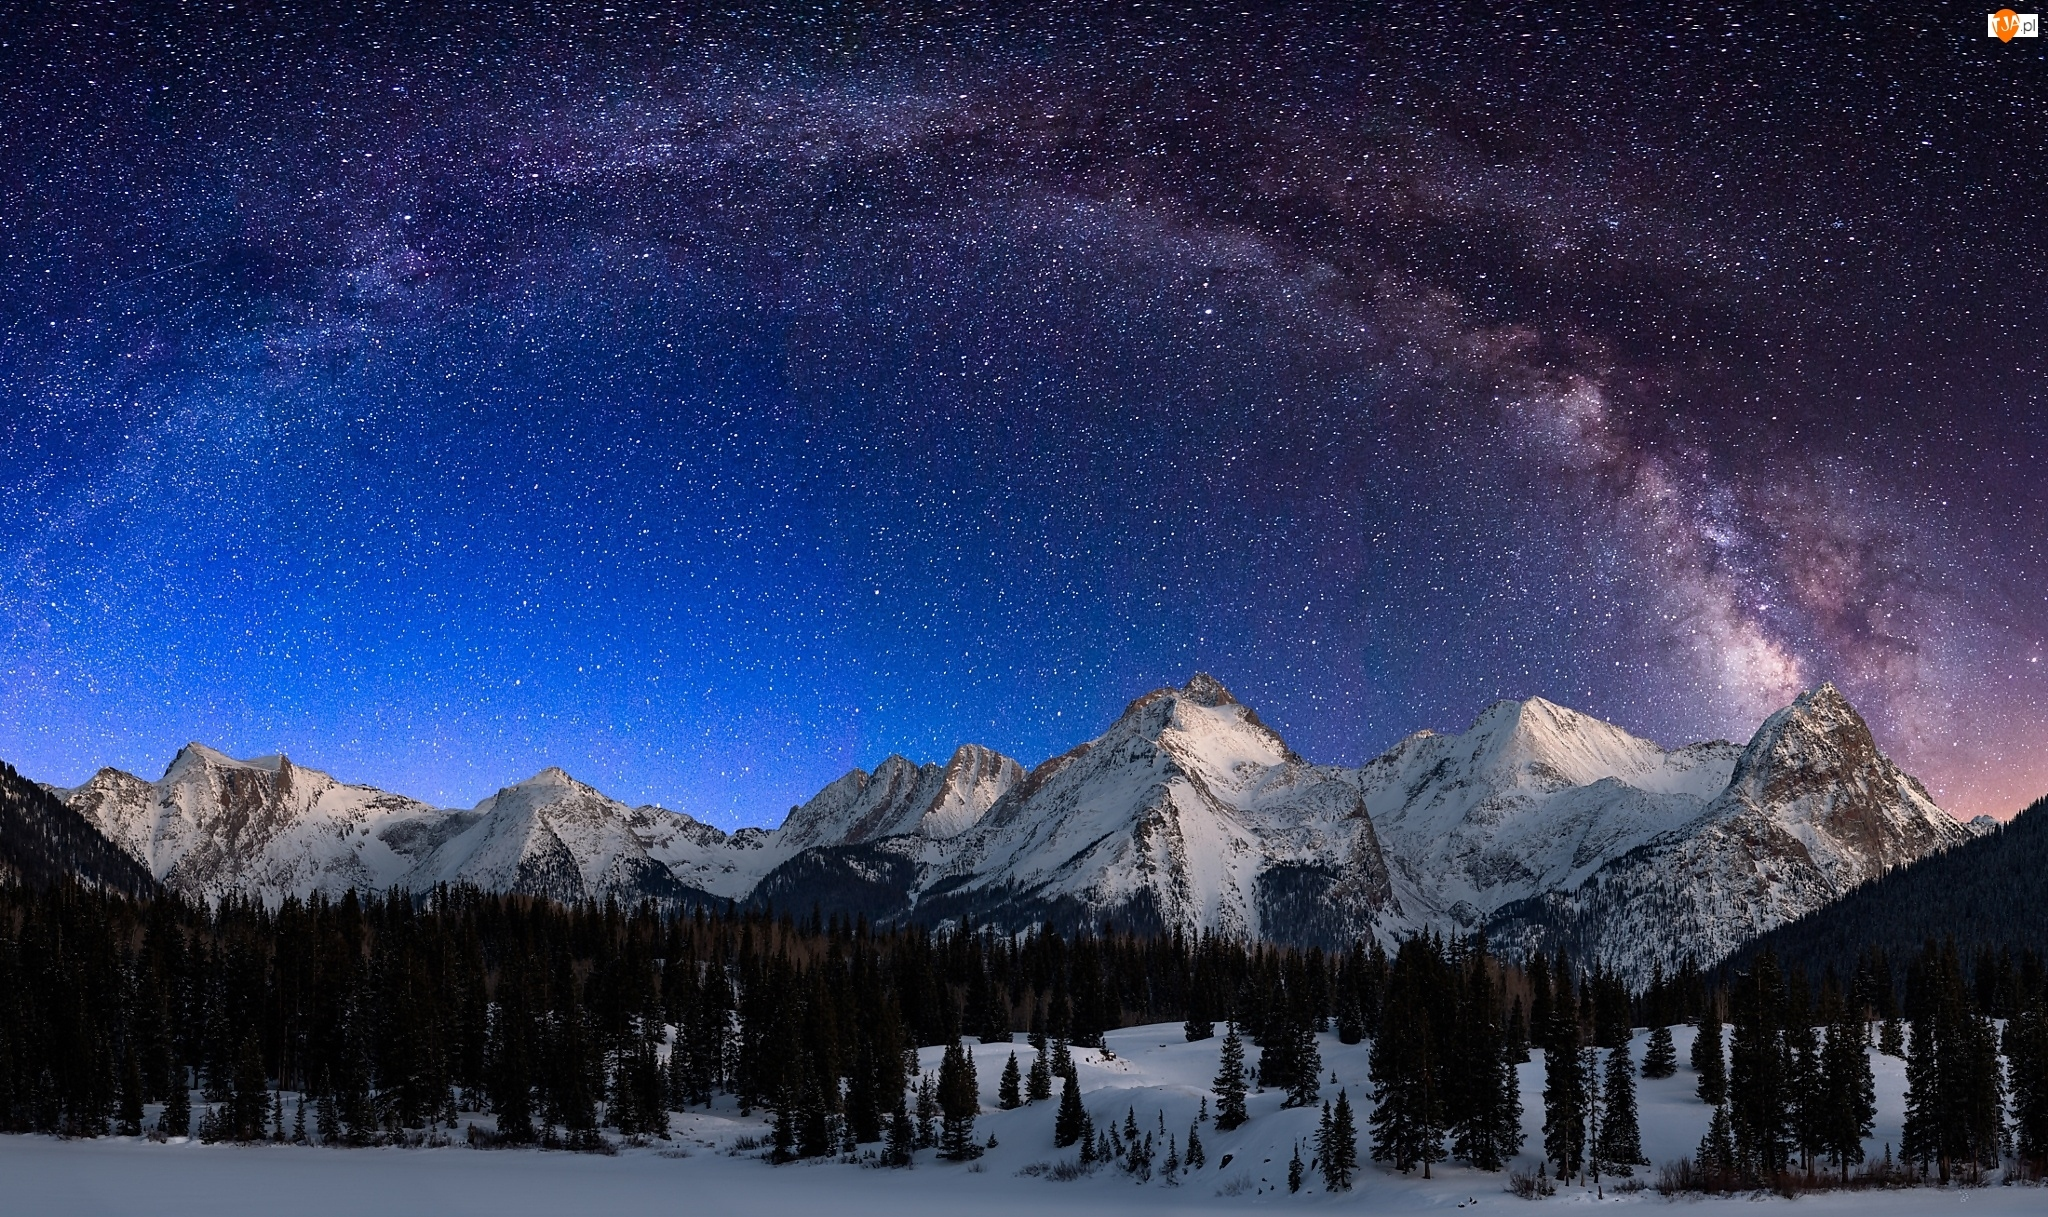 Noc, Mleczna, Zima, Droga, Góry, Las Gwiazdy